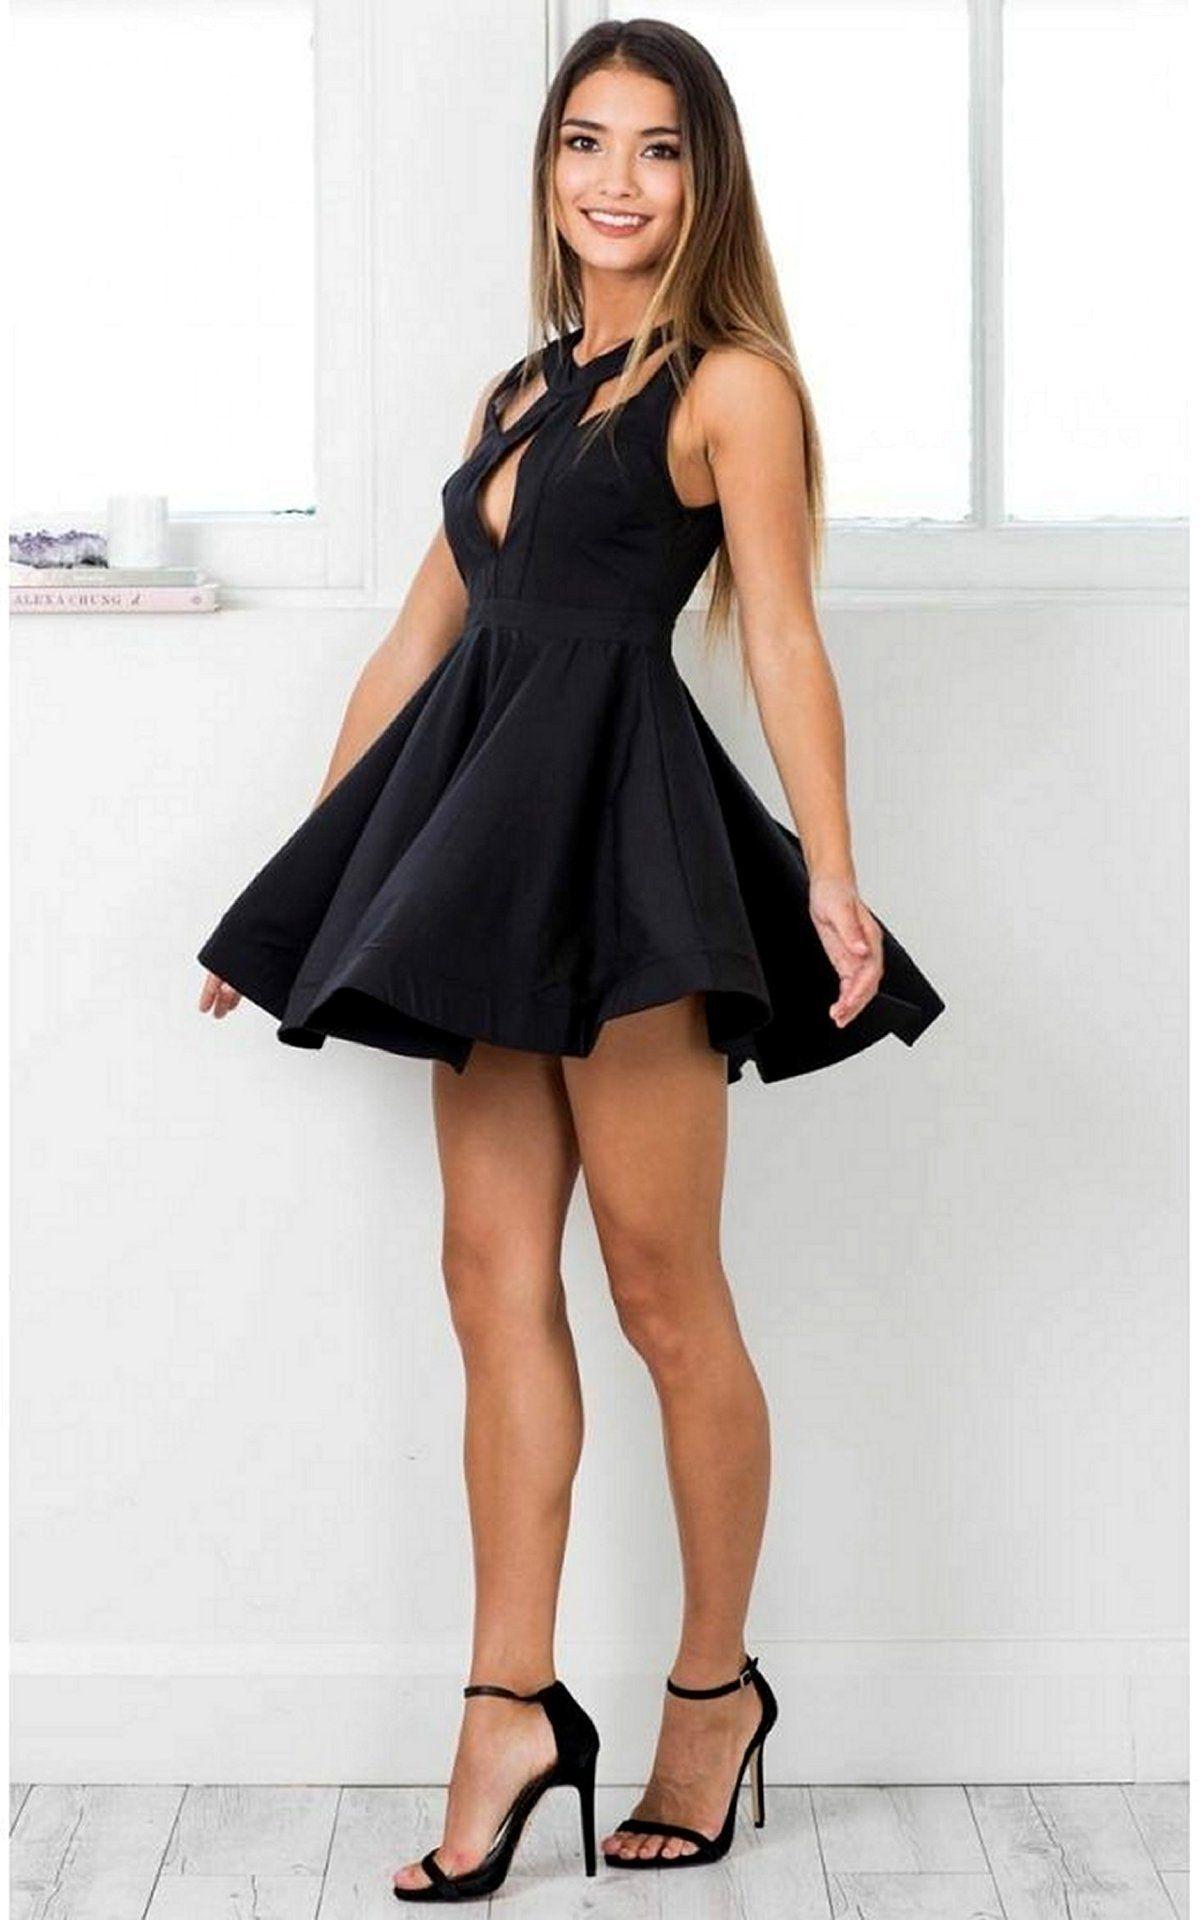 93bdbbaa1a I ❤ her cute mini dress and high heels